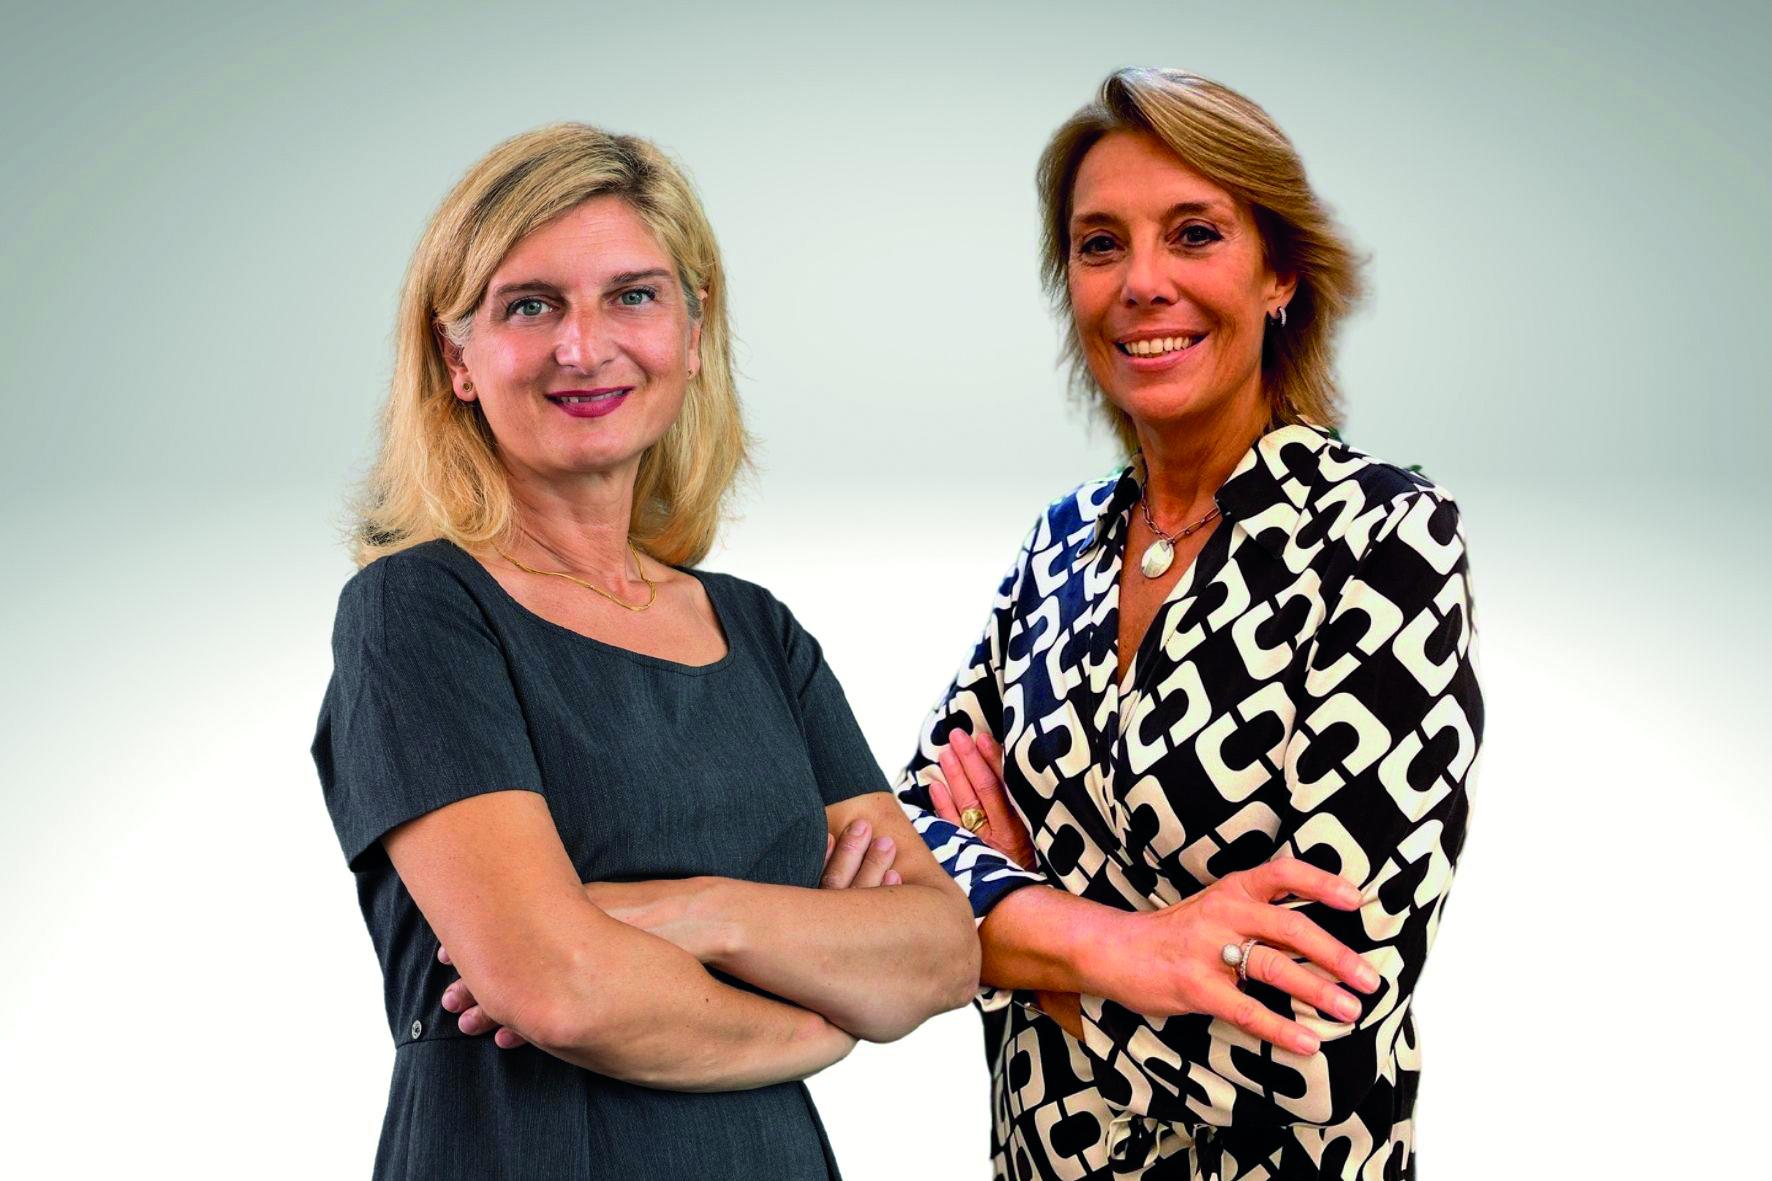 rodl-&-partner-e-consulnet-italia-insieme-con-sircle-per-guidare-le-aziende-verso-la-sostenibilita